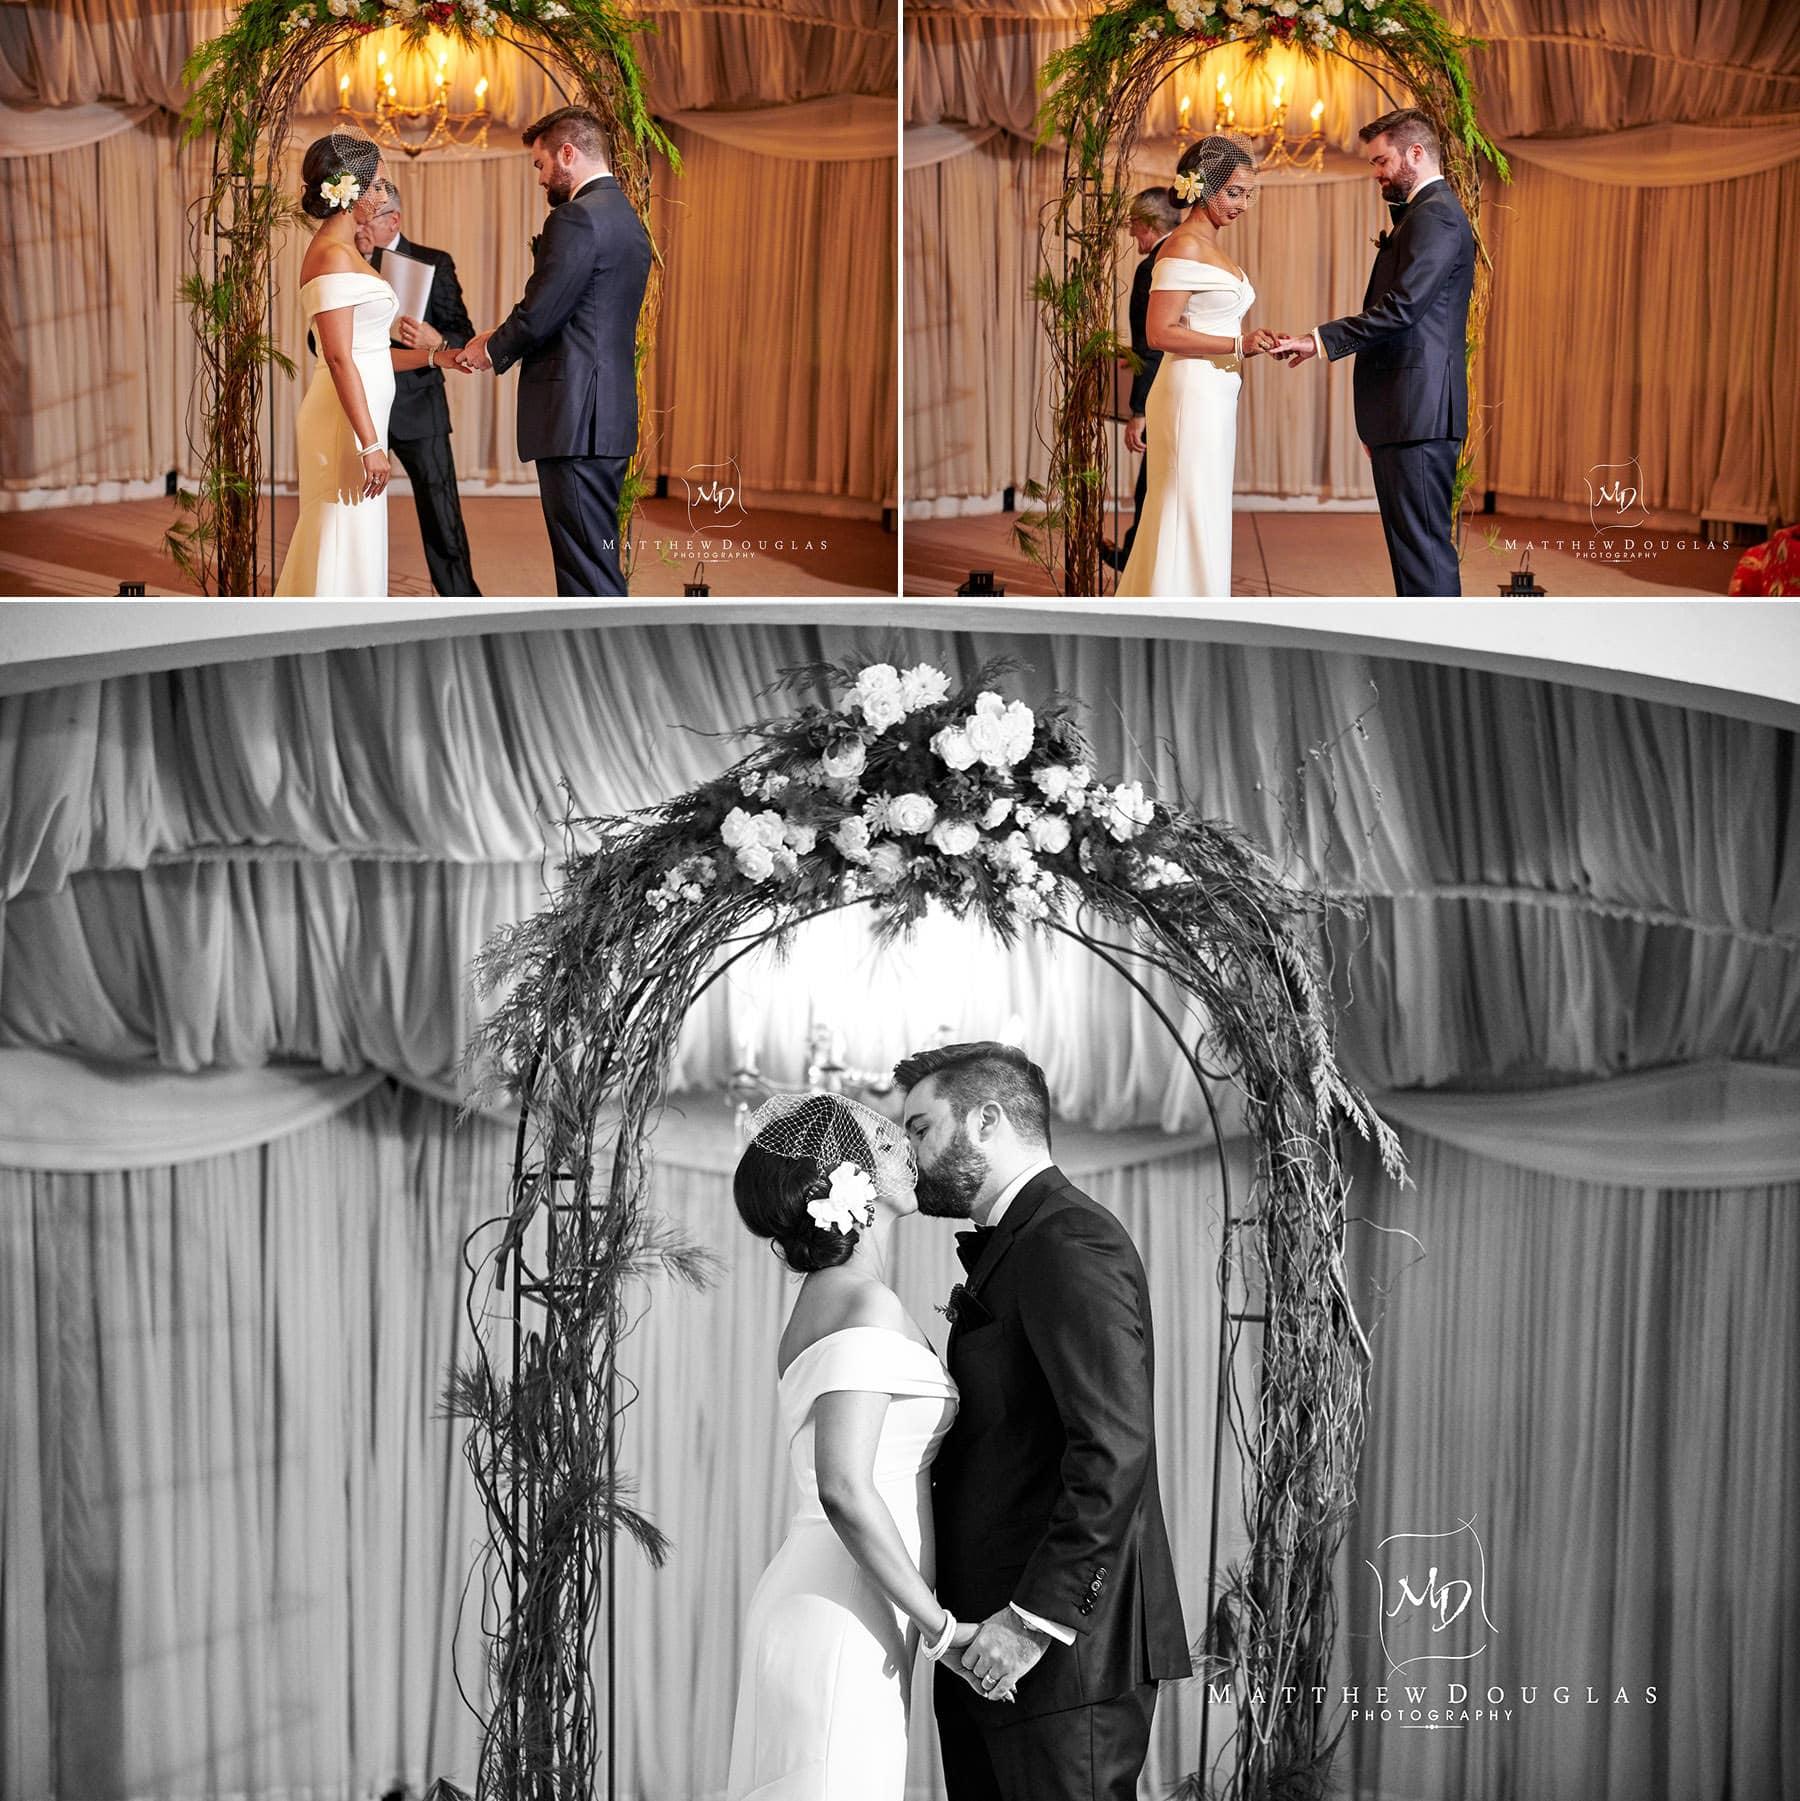 lambertville station inn wedding ceremony first kiss photo